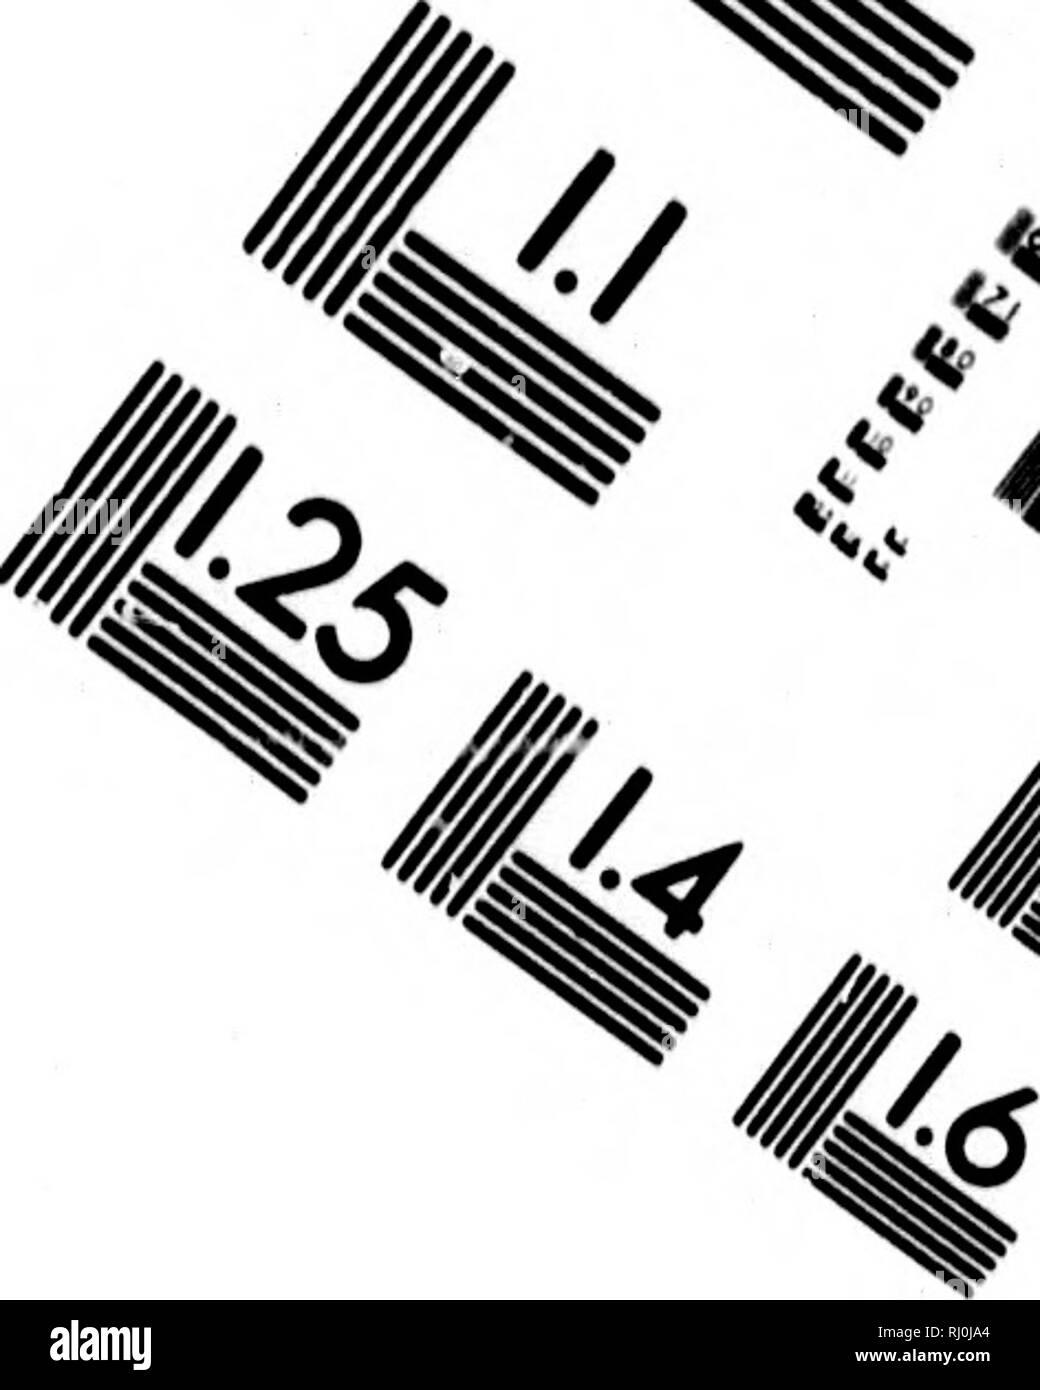 """. Feuilles d'érable [microforme]: un budget du légendaire, historique et critique, l'intelligence sportive. Jeu et jeu-oiseaux, gibier. TEST D'ÉVALUATION D'IMAGE CIBLE (MT-3) // .^4^' '""""^S^^* fe"""" &gt;,^ . '^^^ 1. •^ 1.0 1.1 1^^ J Hi 2.2 mauvais 12,0 1,8 L25      _^^ j V] ^3 'V '^&gt; 7: y. Veuillez noter que ces images sont extraites de la page numérisée des images qui peuvent avoir été retouchées numériquement pour plus de lisibilité - coloration et l'aspect de ces illustrations ne peut pas parfaitement ressembler à l'œuvre originale.. Le Moine, J. M. (James MacPherson), Sir, 1825-1912. Québec: Imprimé pour l'auteur par Hunter, Ros Banque D'Images"""